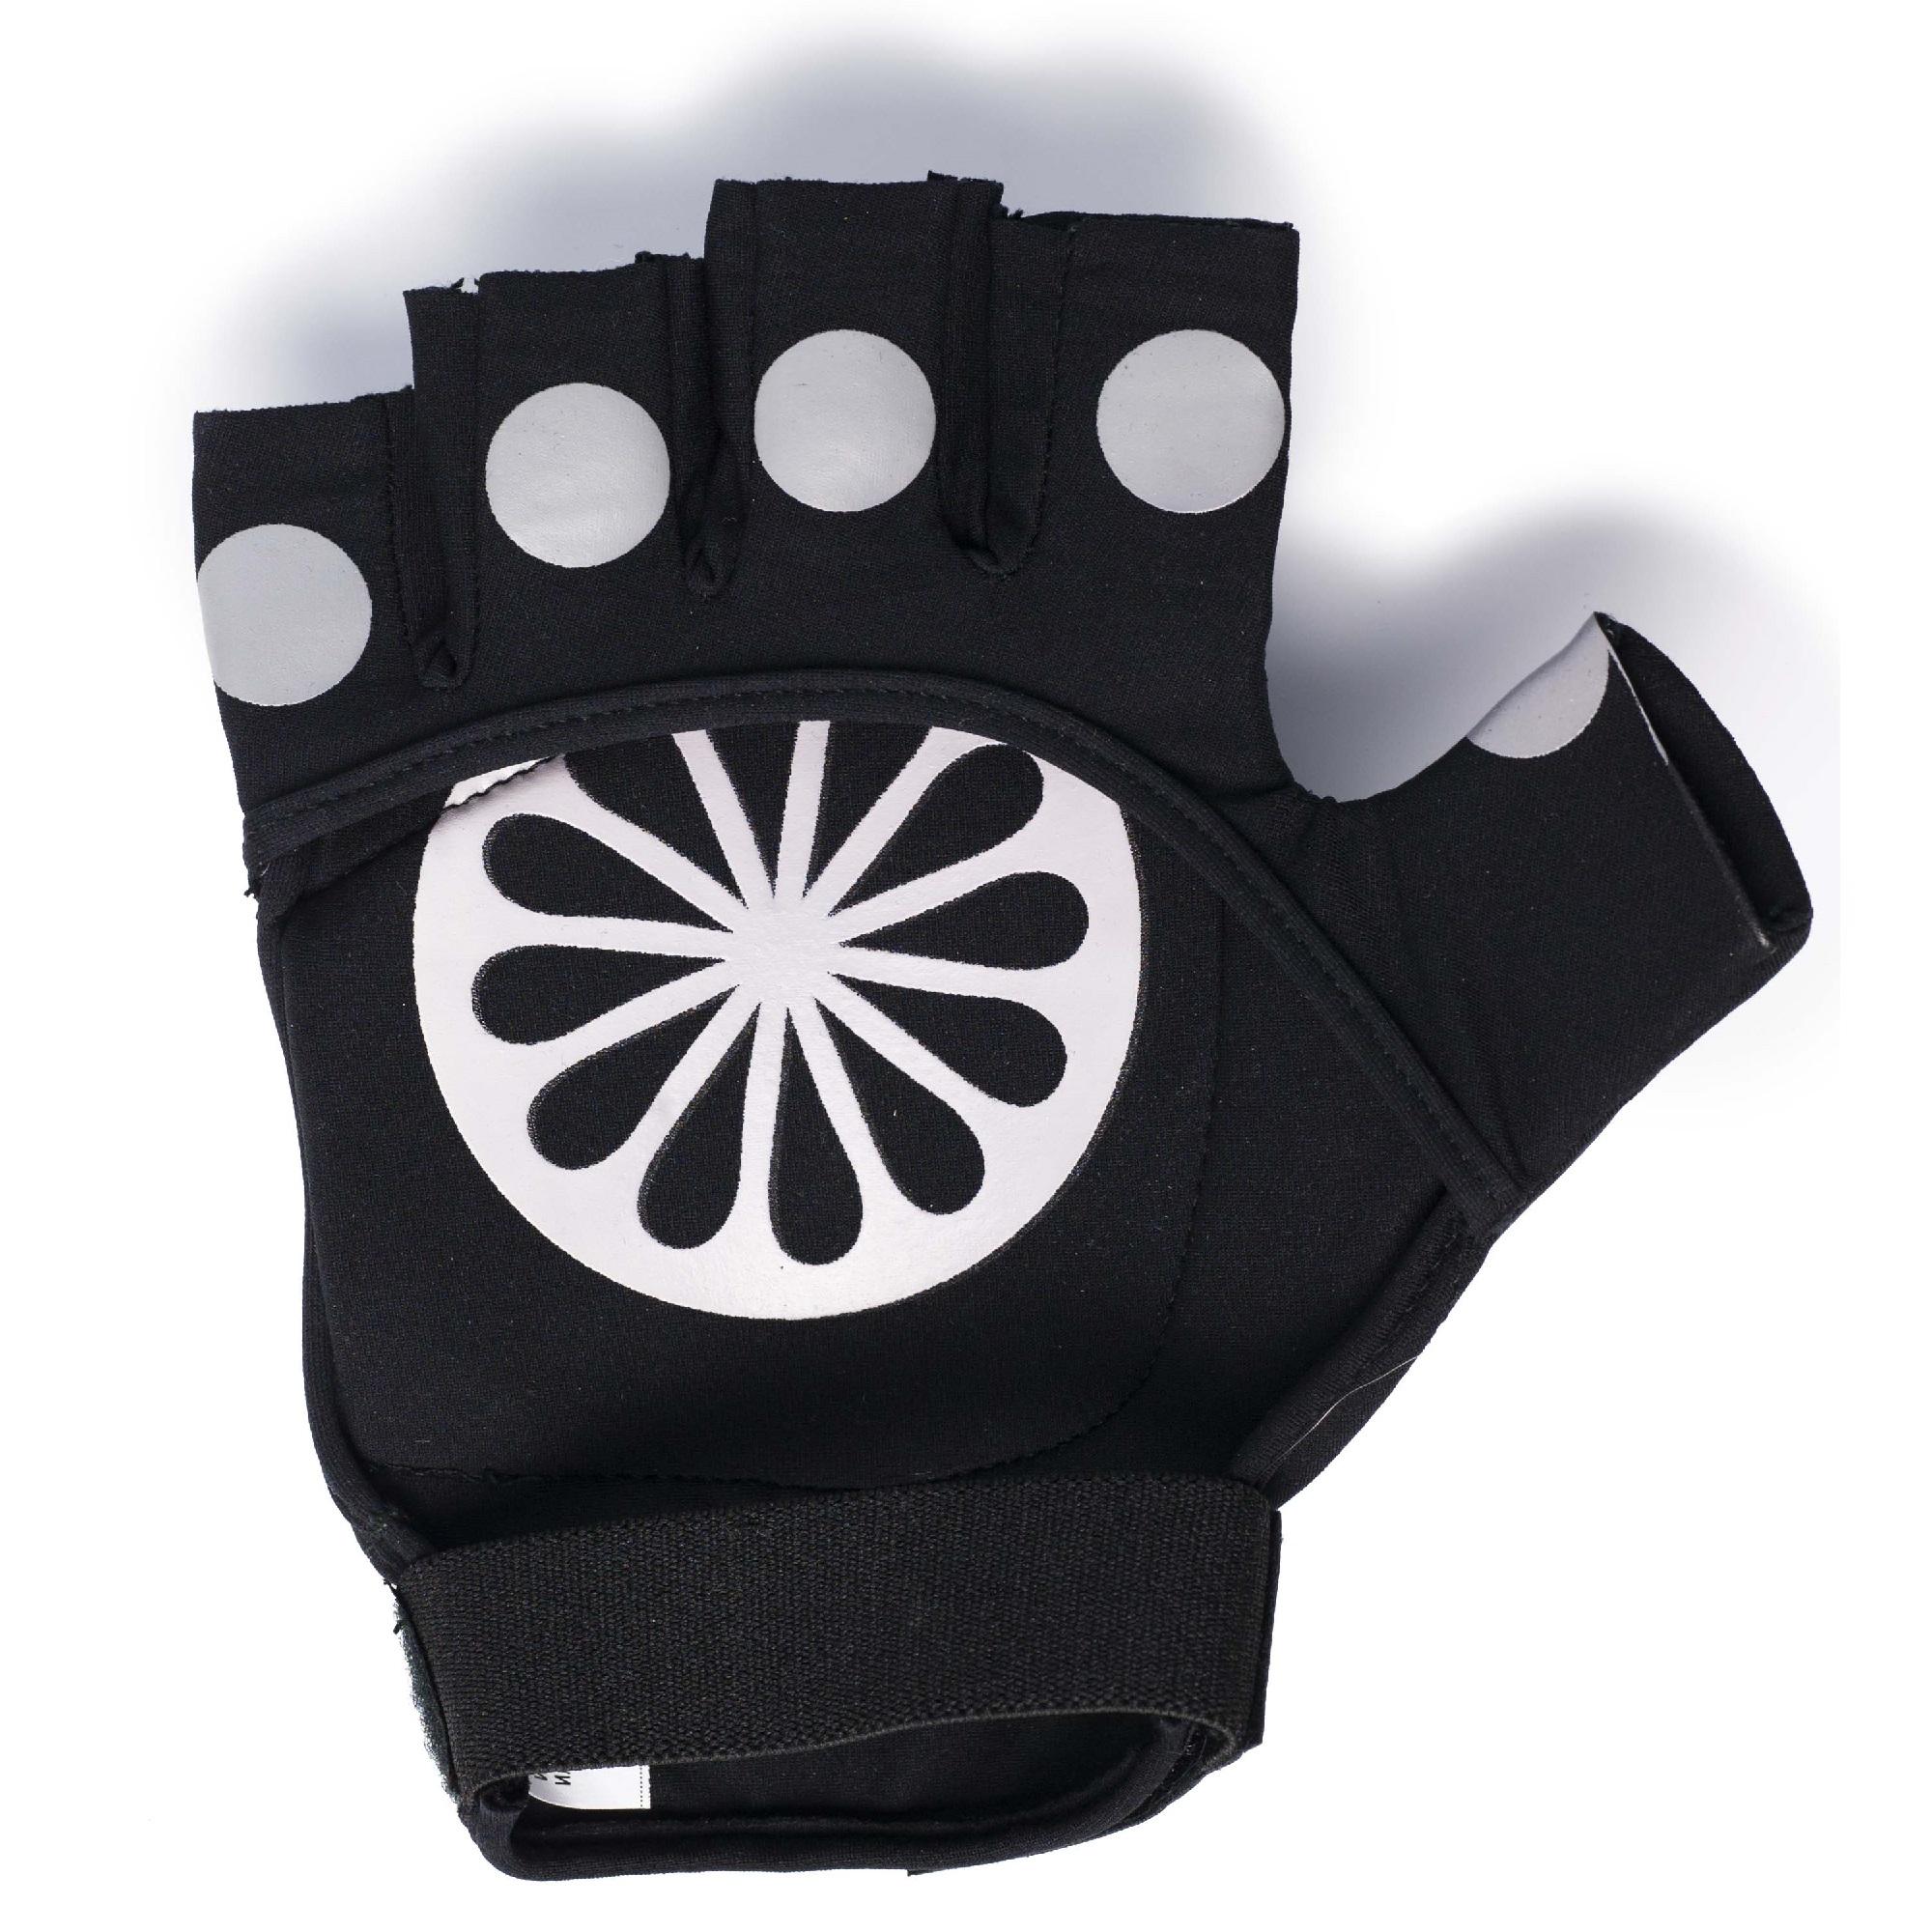 Shell Glove Hockeyhandschoen Zwart